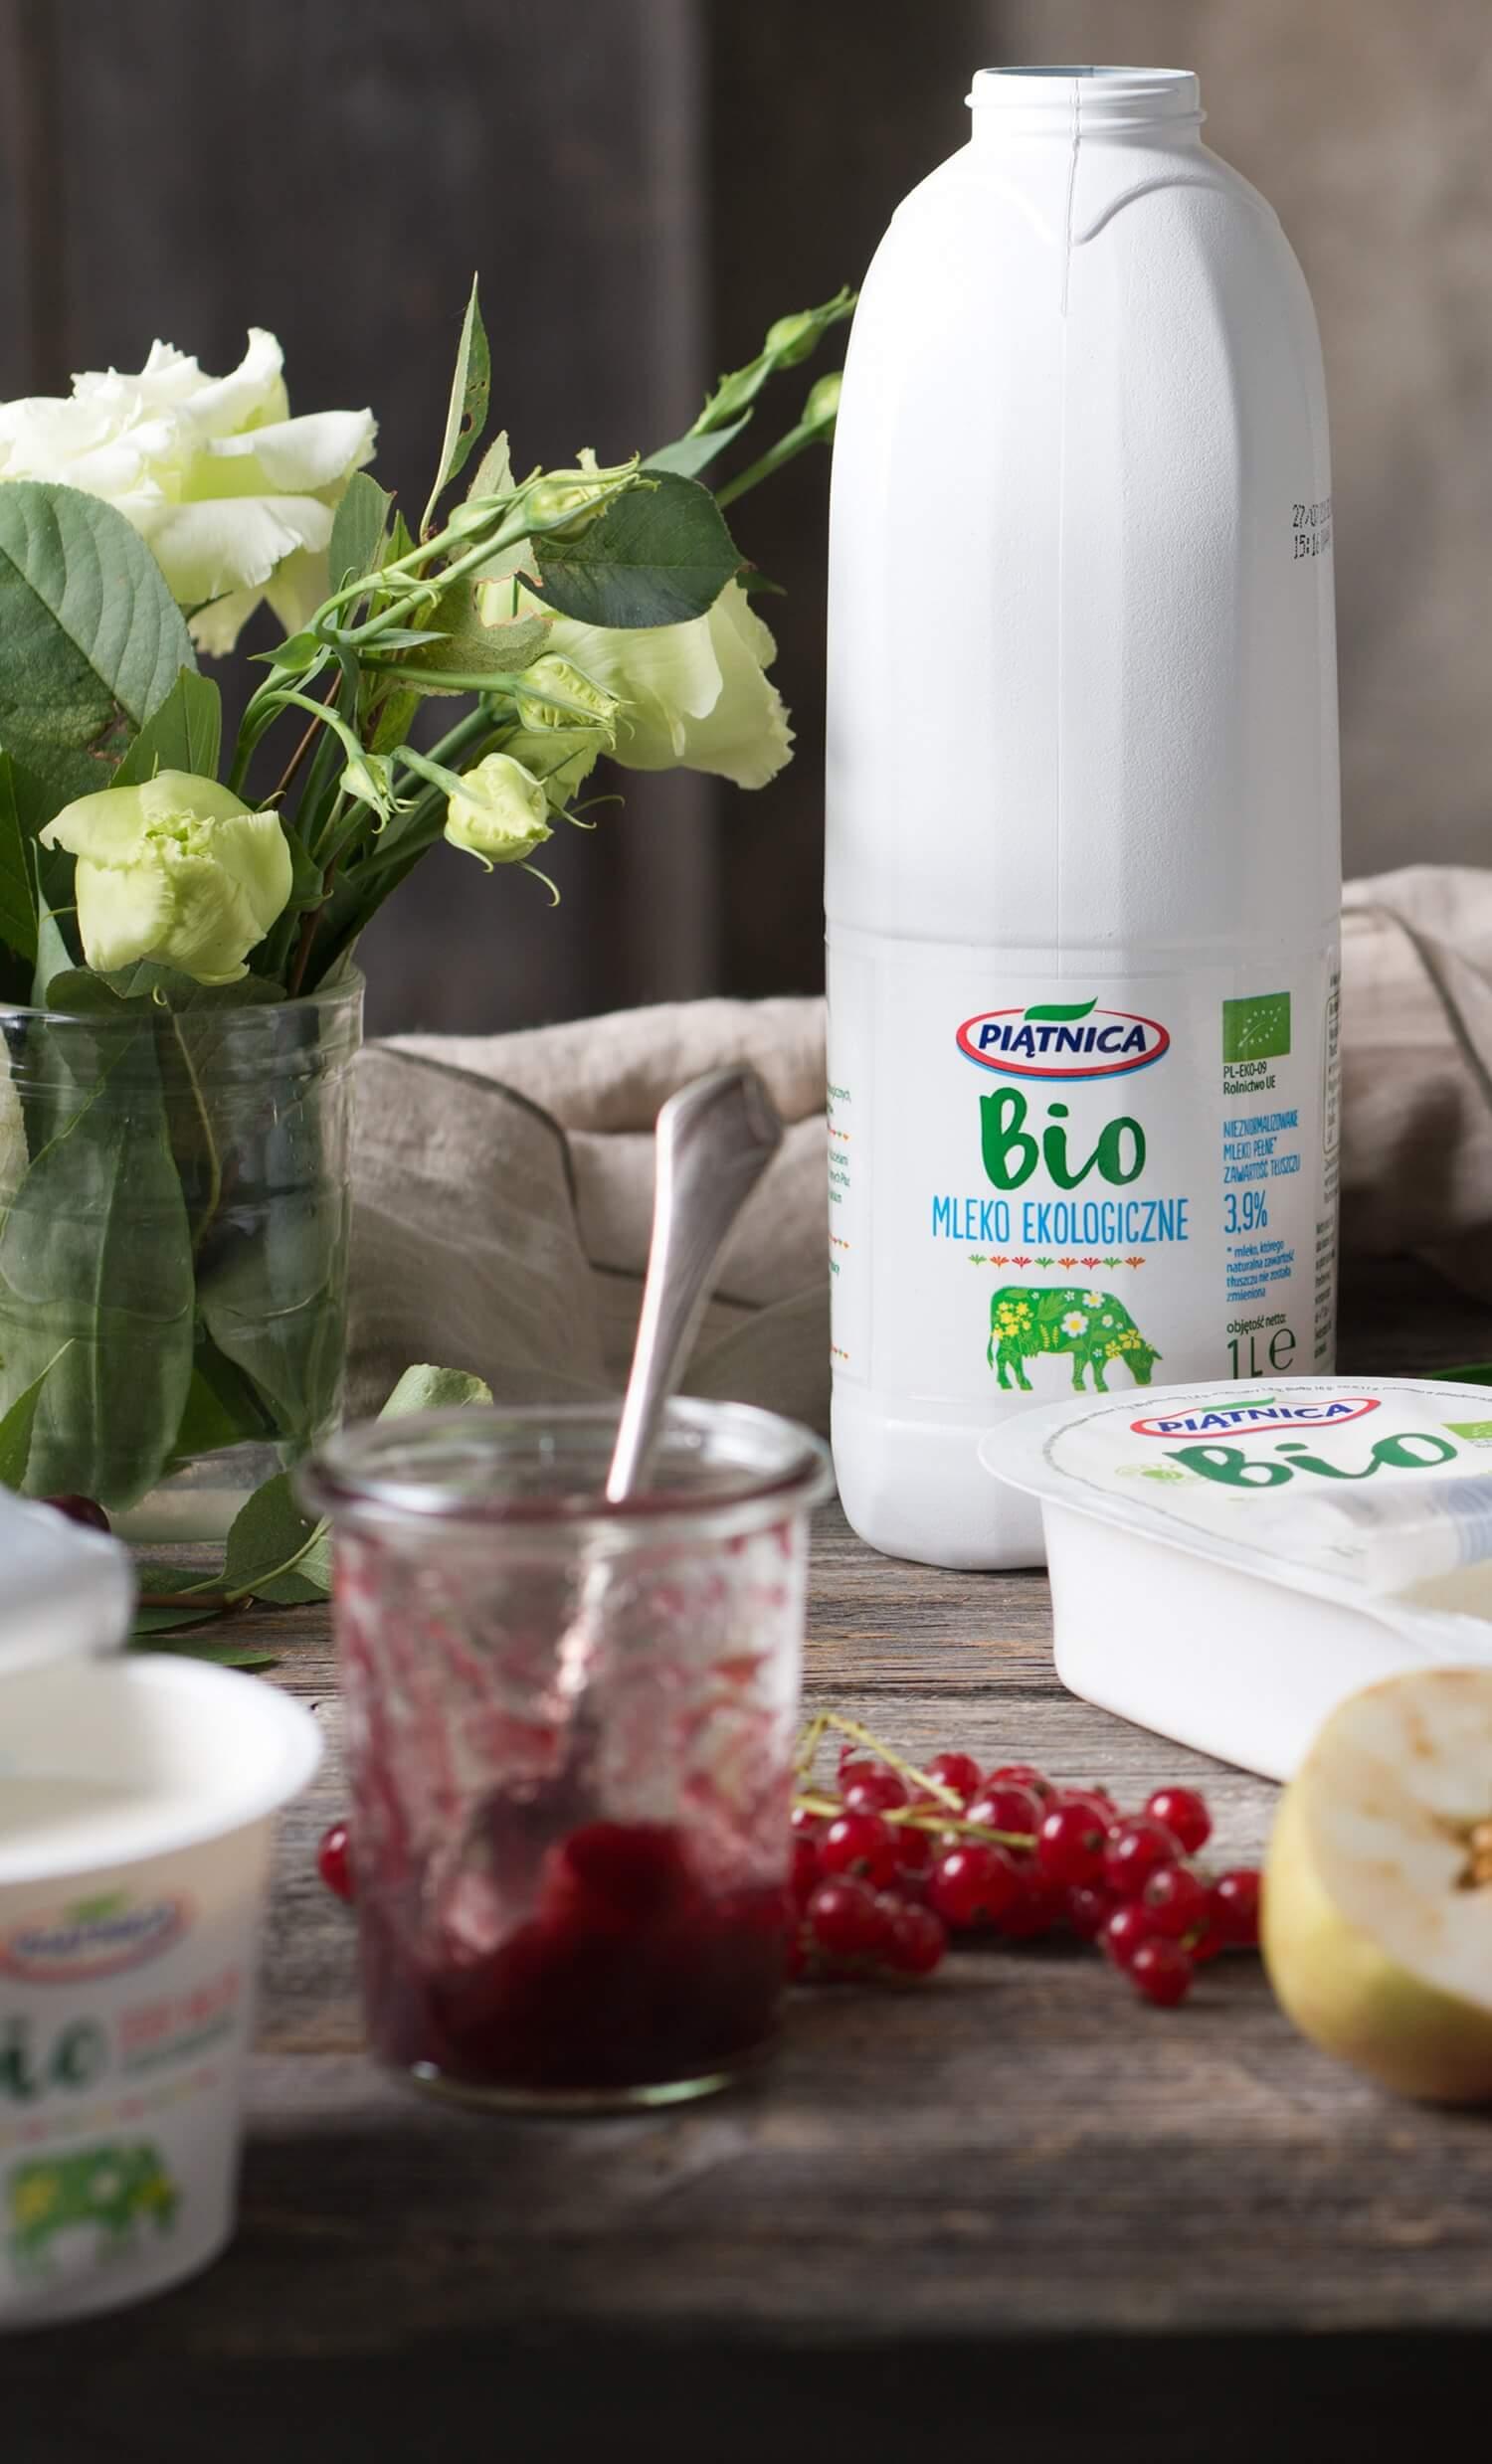 Piątnica Bio - brand design